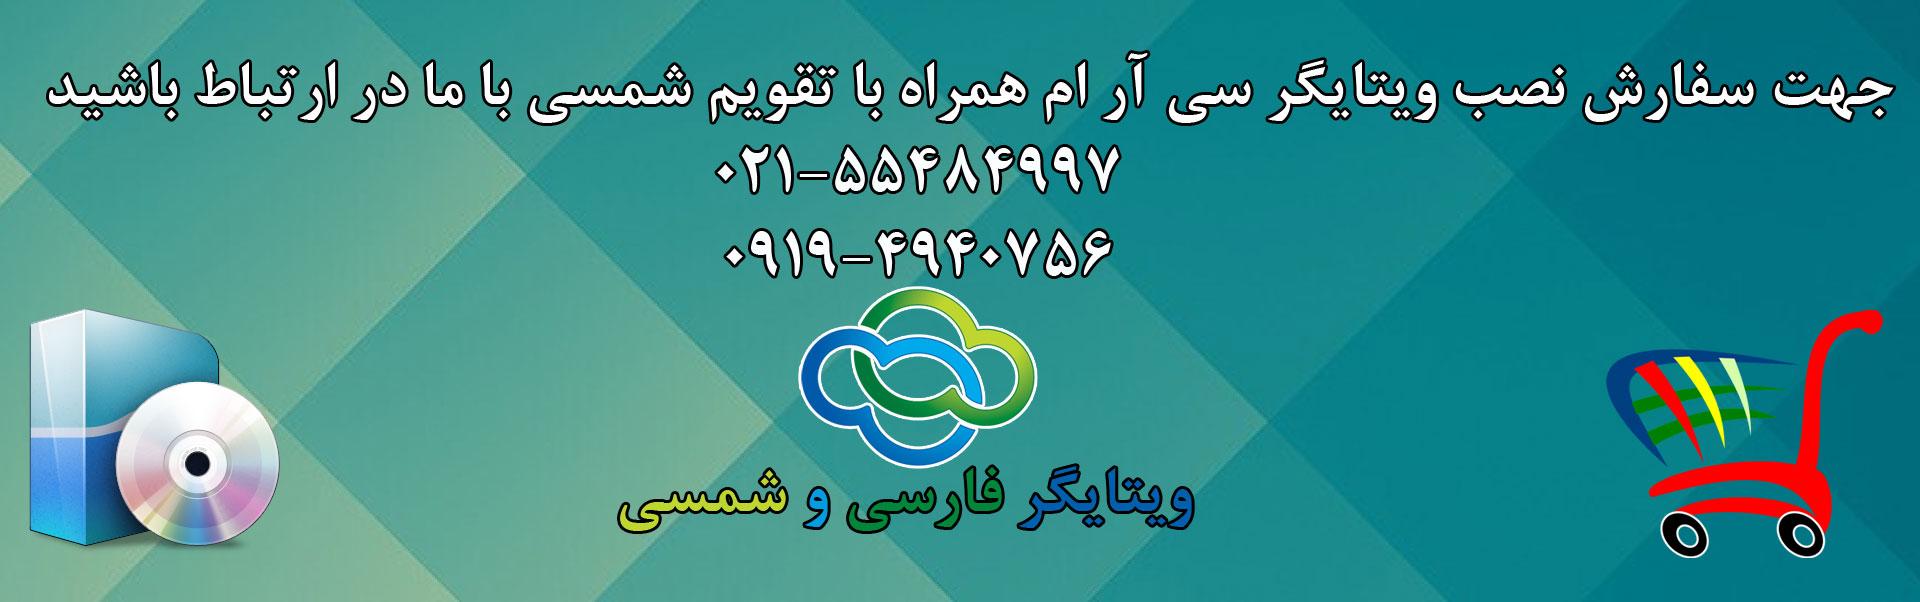 ویتایگر فارسی